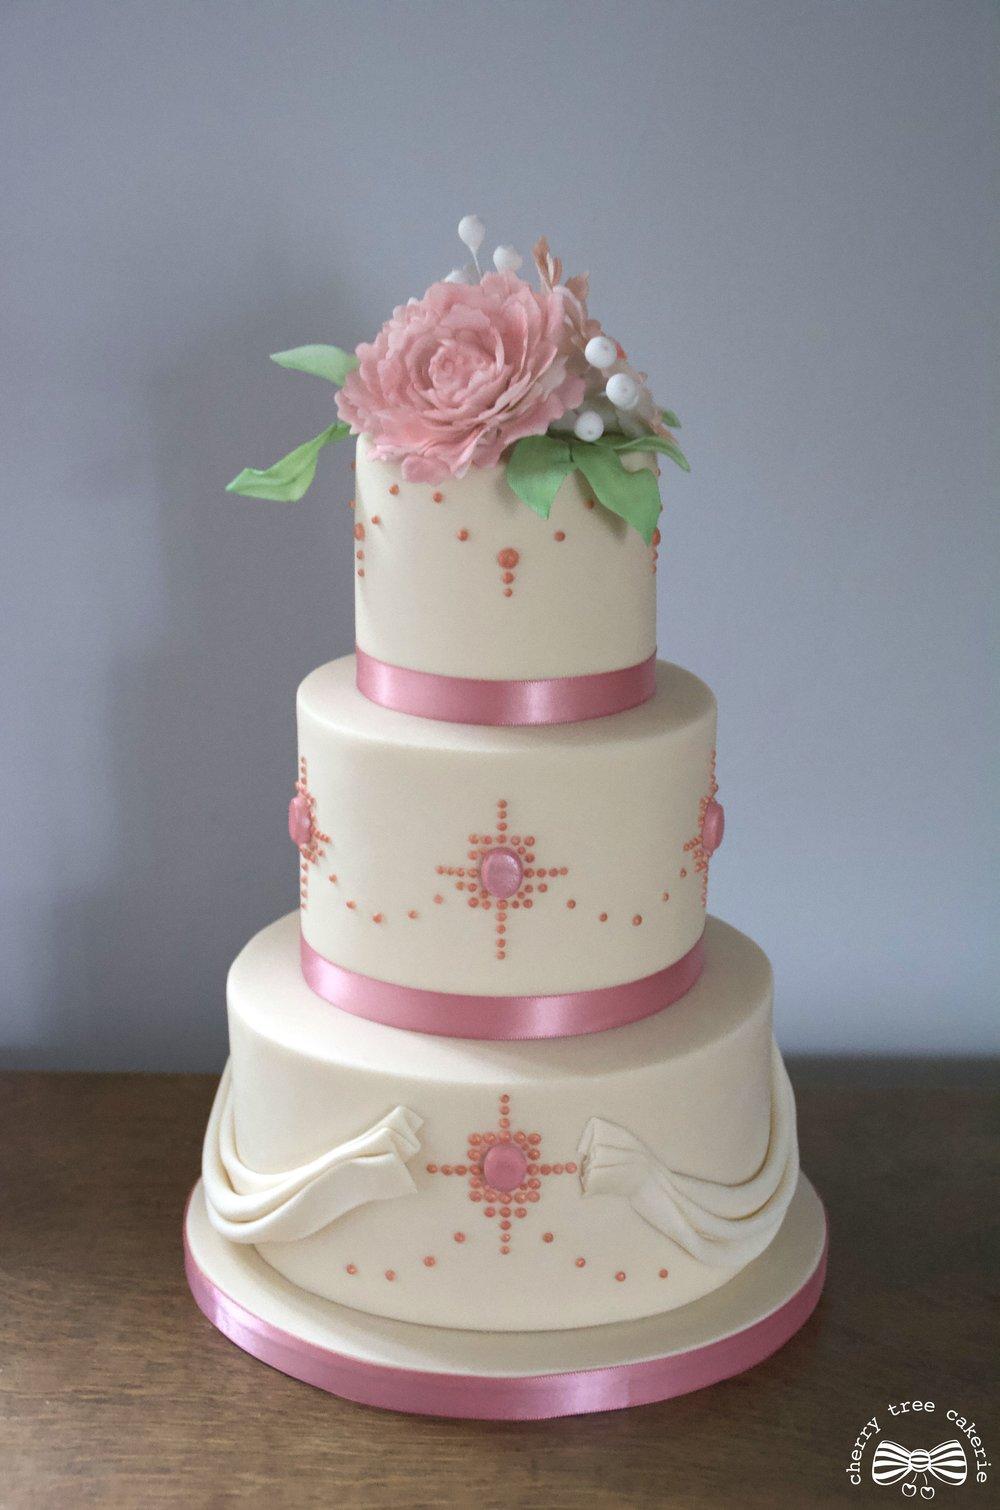 Vintage jewel wedding cake.jpg